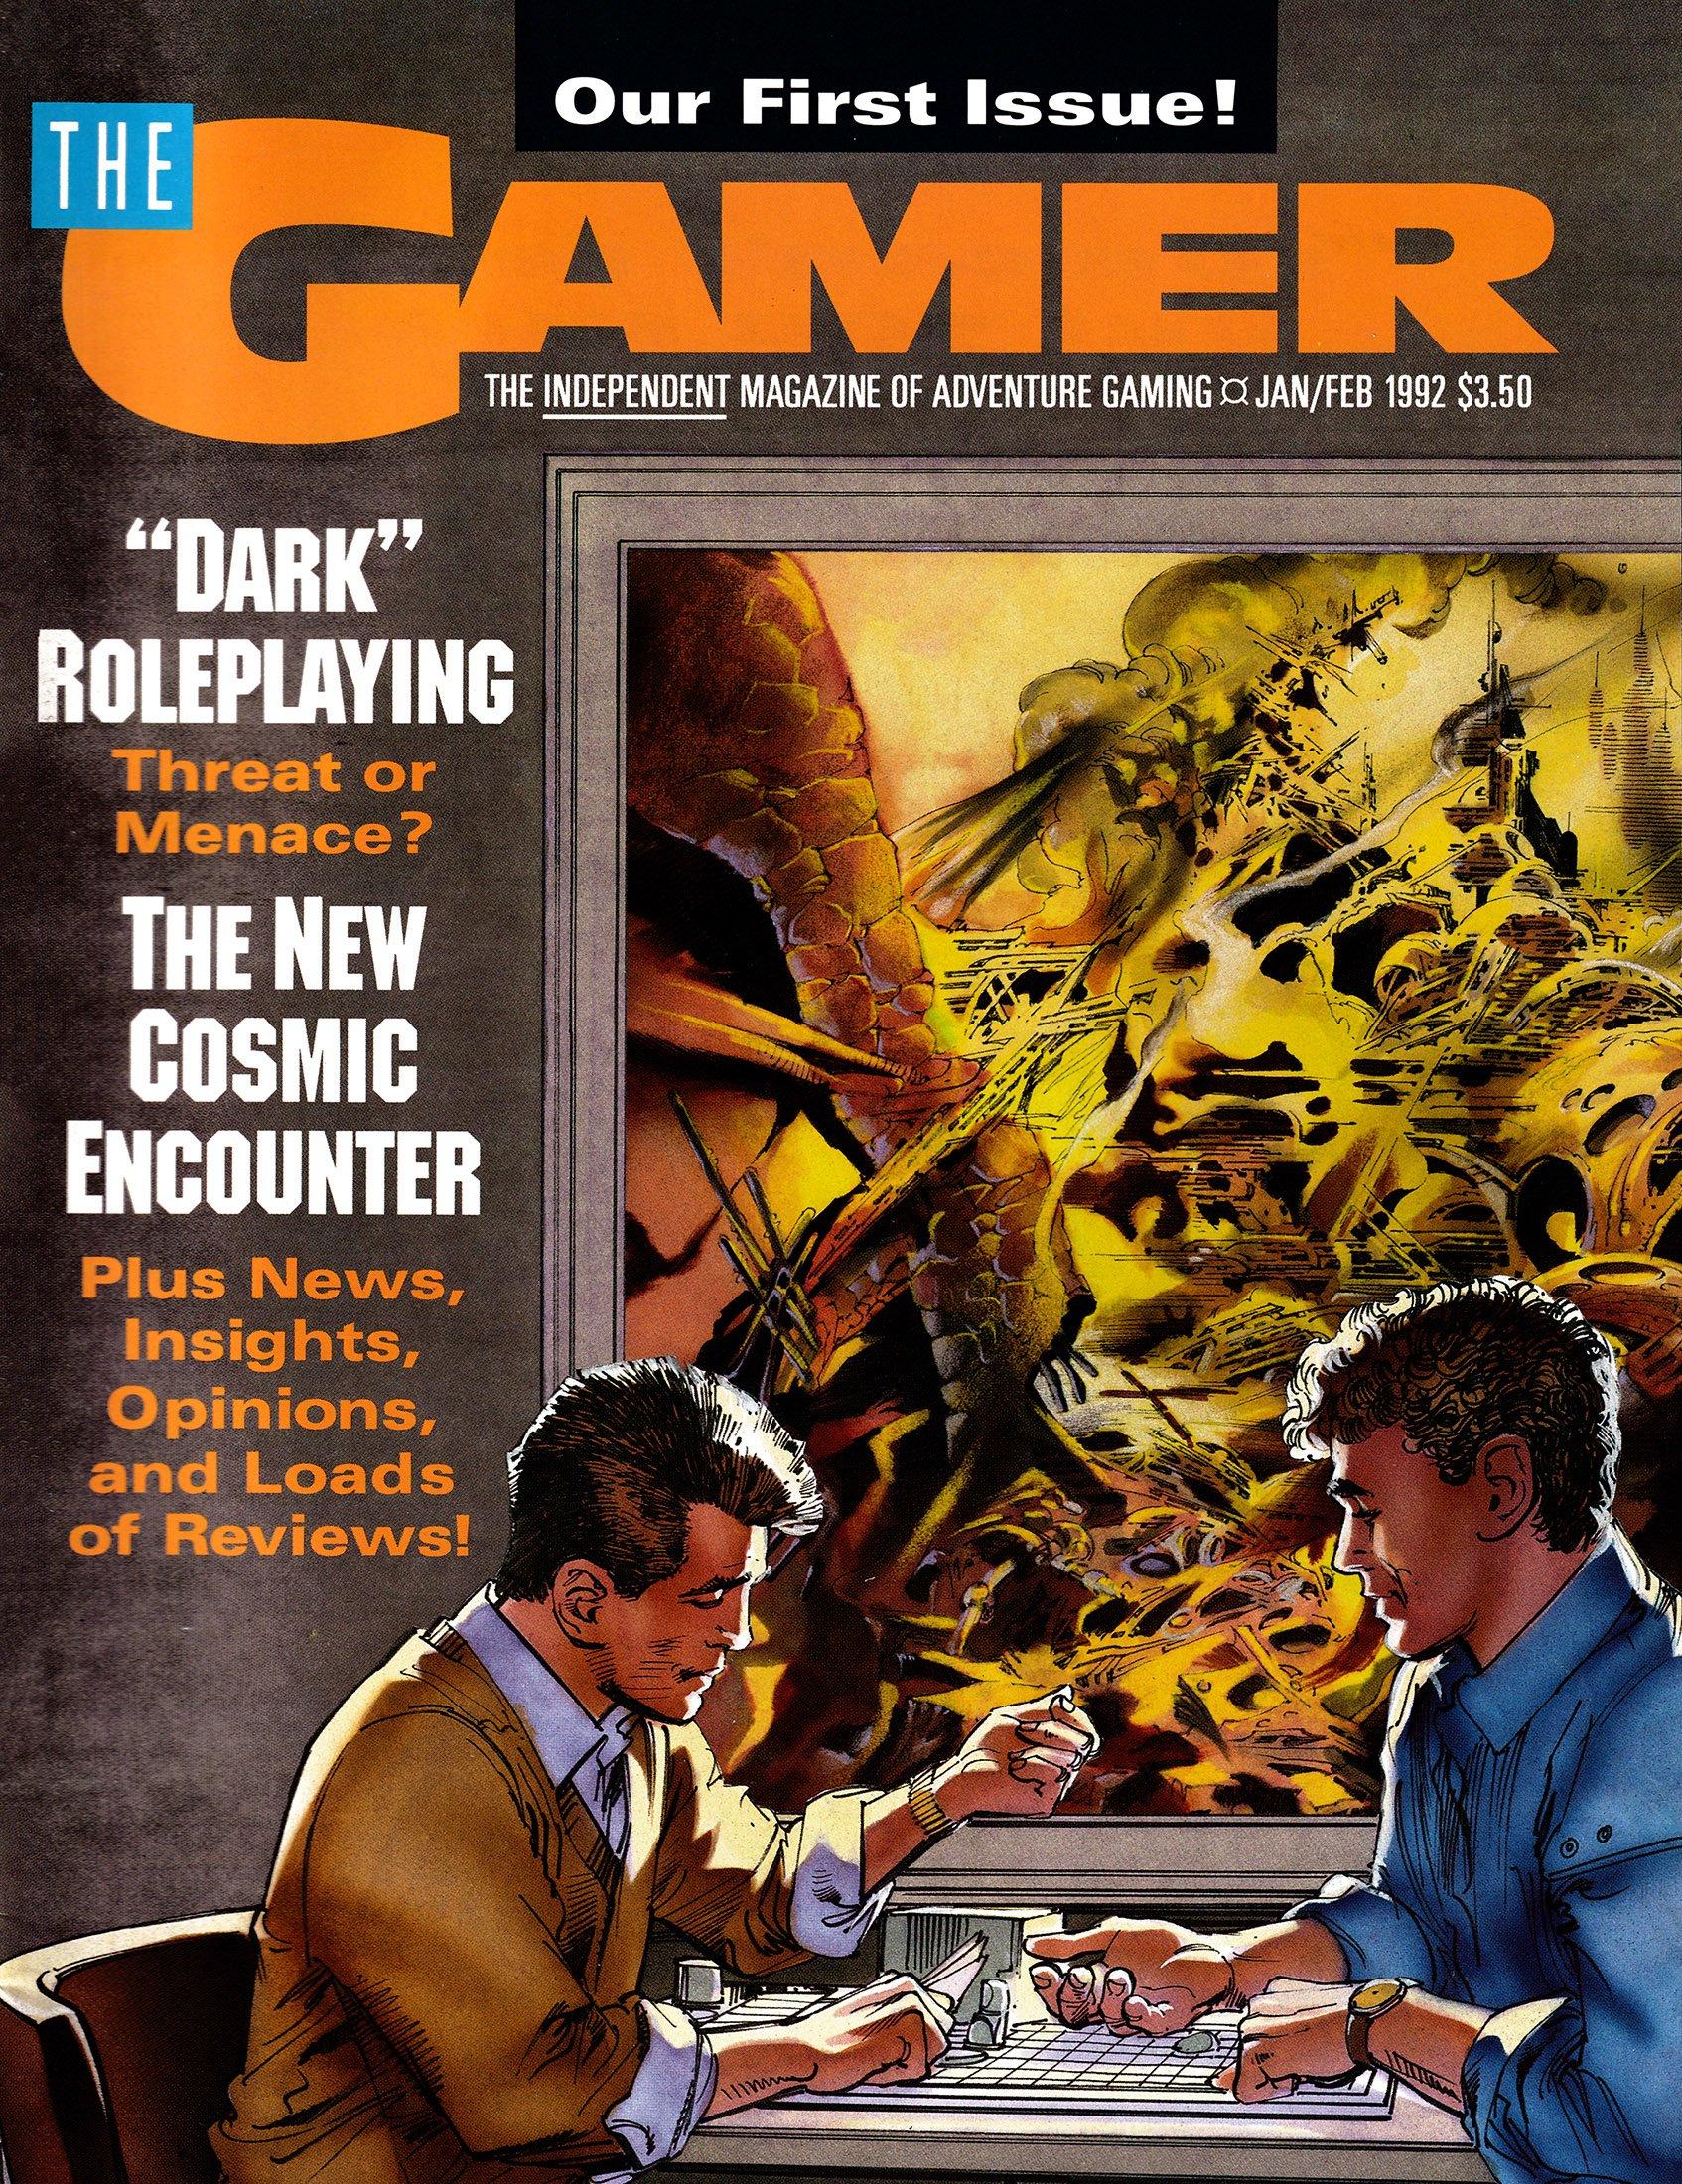 The Gamer Issue 1 (January-February 1992).jpg